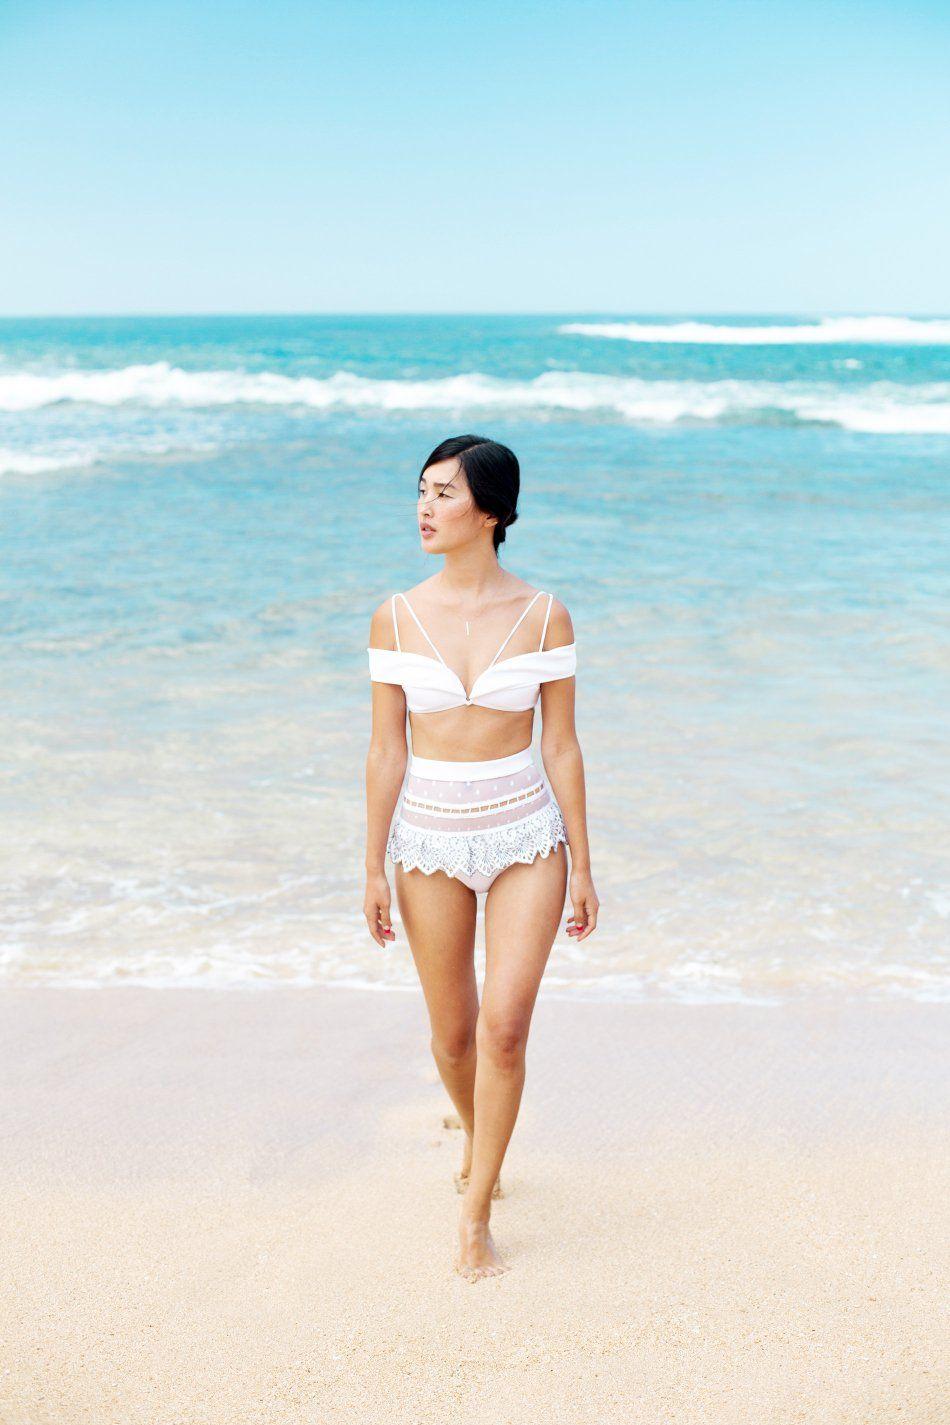 Bikini Nicole Warne naked (52 images), Fappening